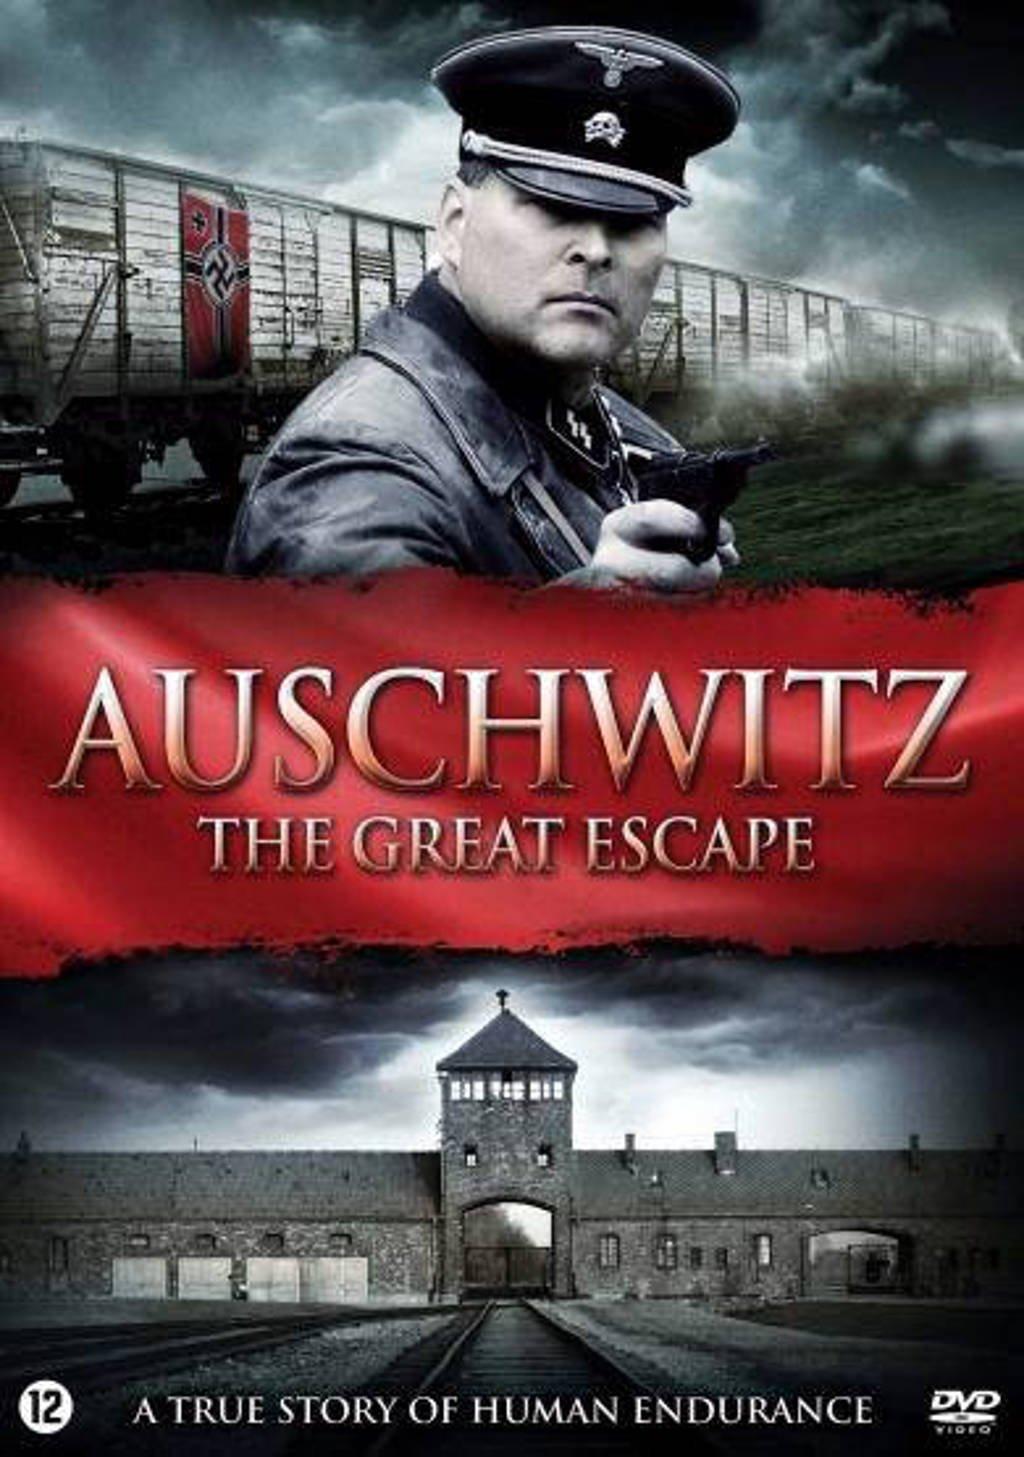 Auschwitz - The great escape (DVD)